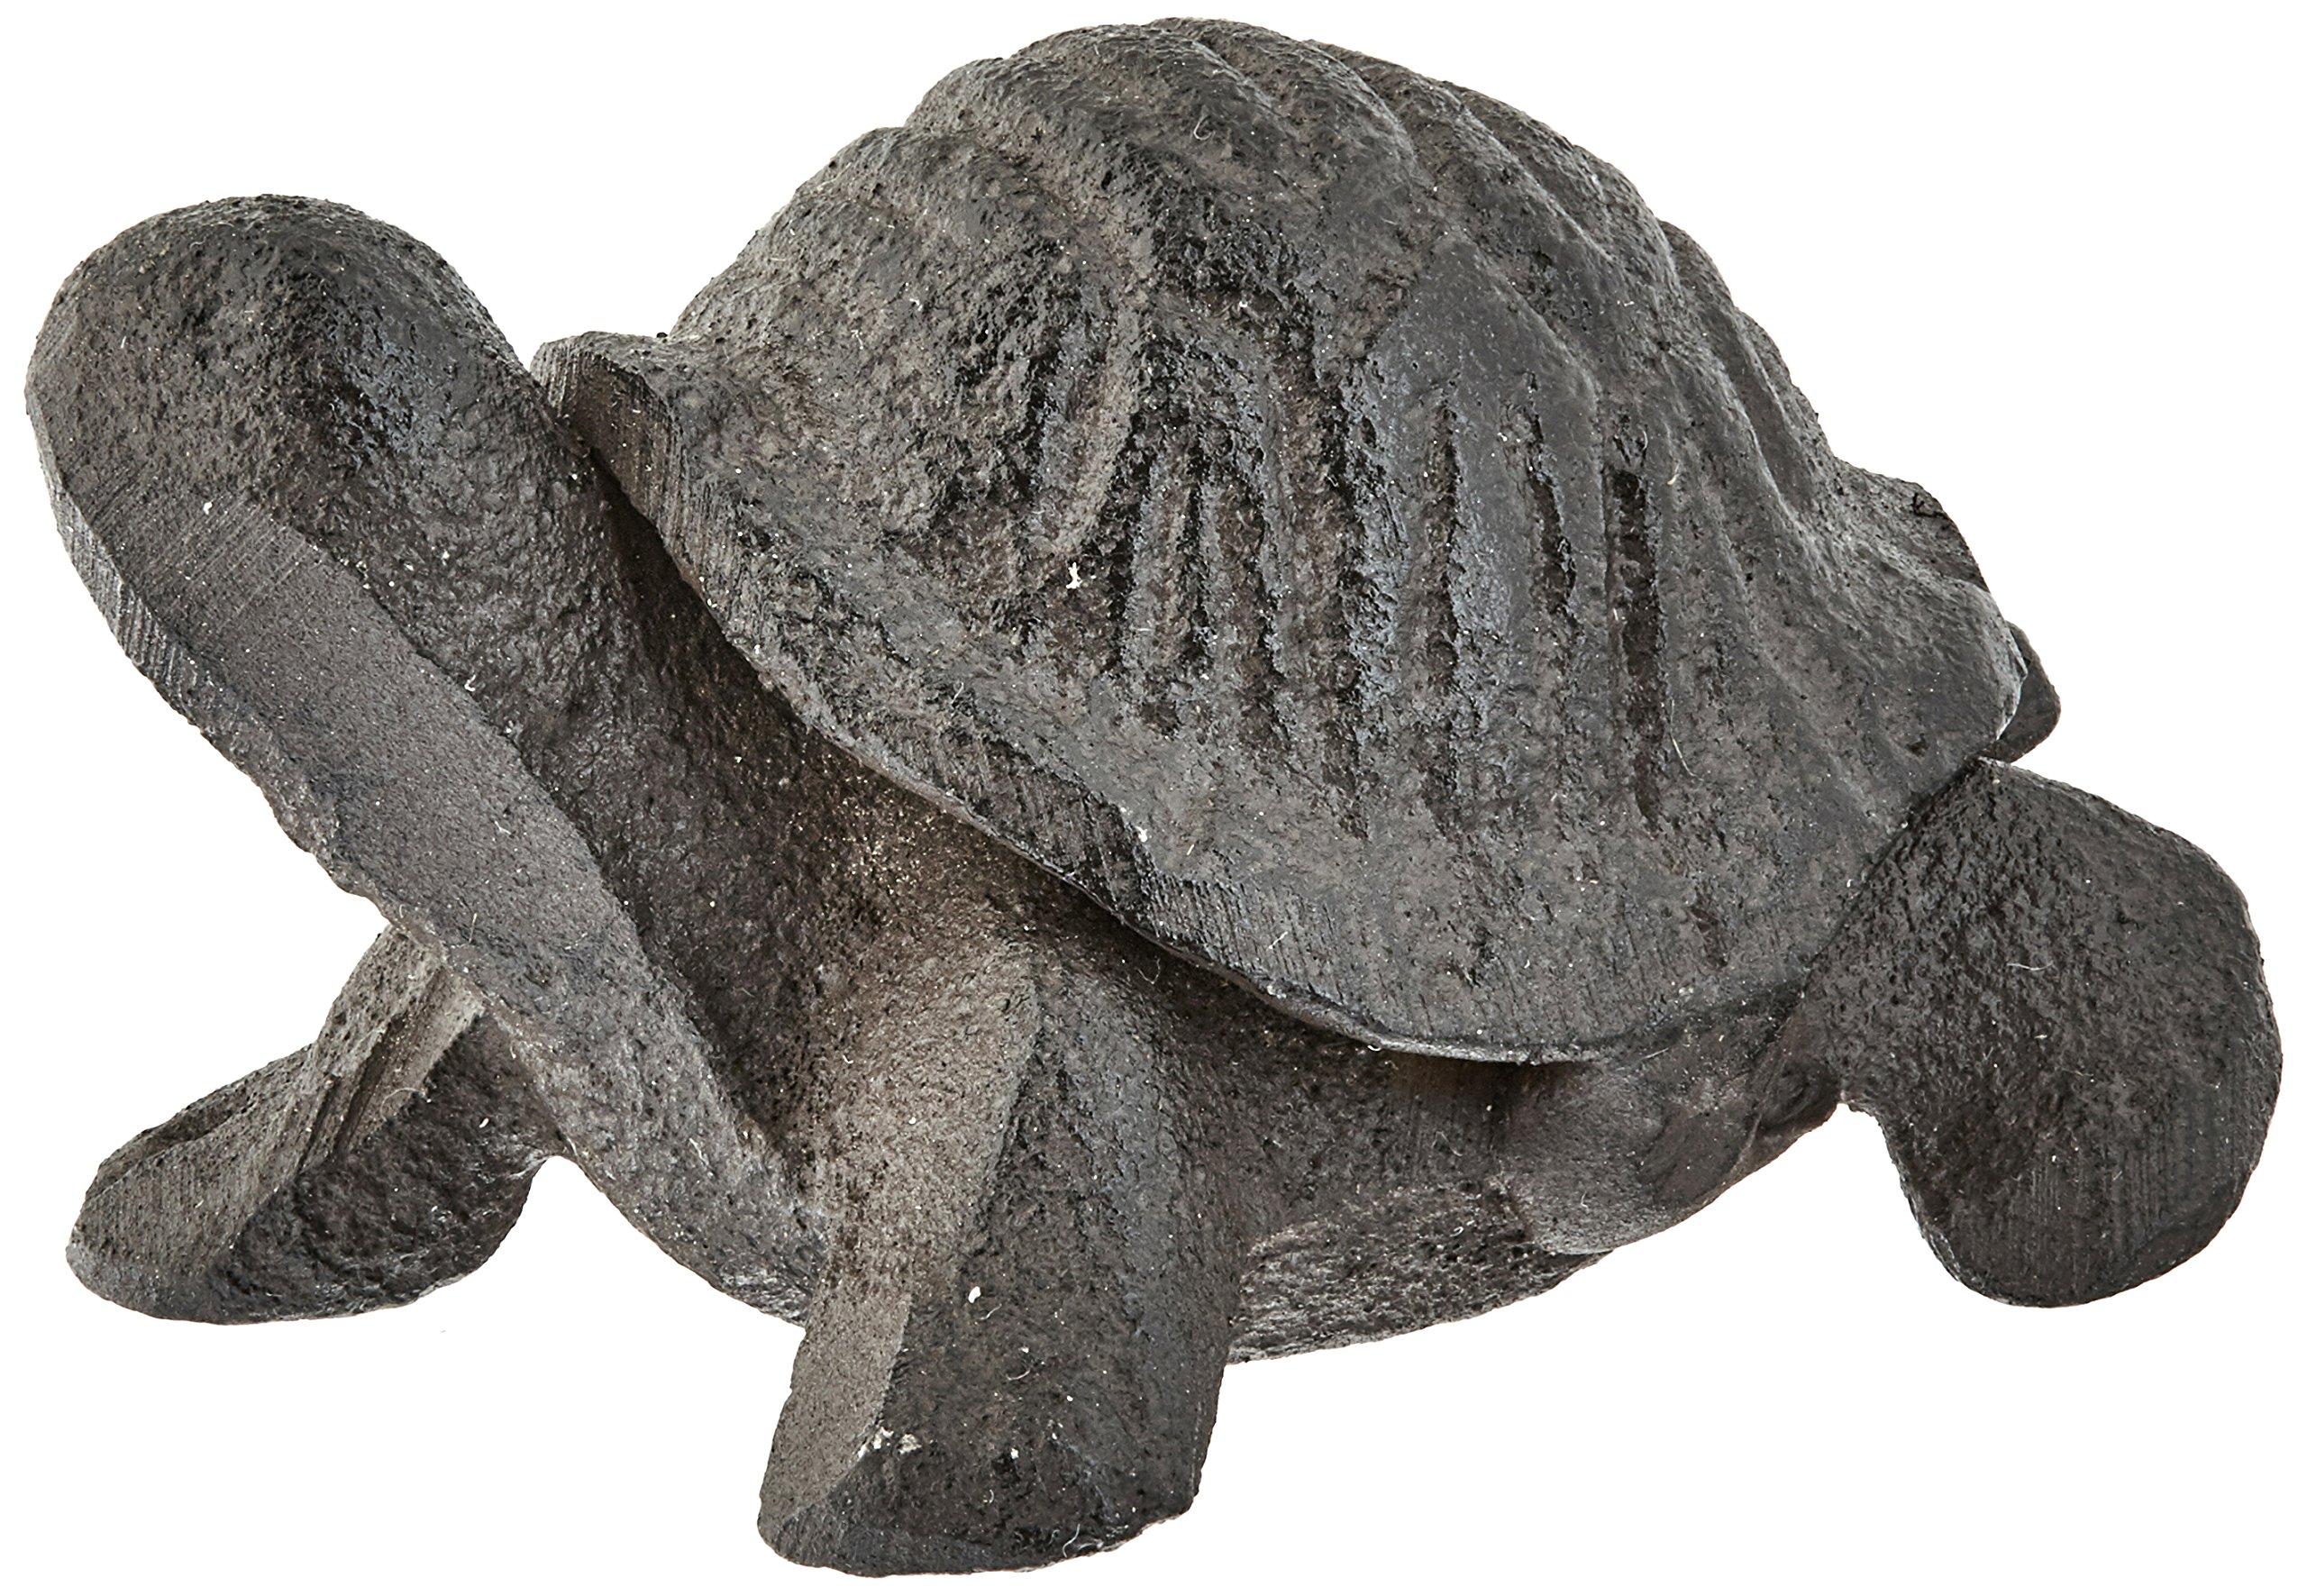 Abbott Collection Dark Brown Mini Turtle Figurine by Abbott Collection